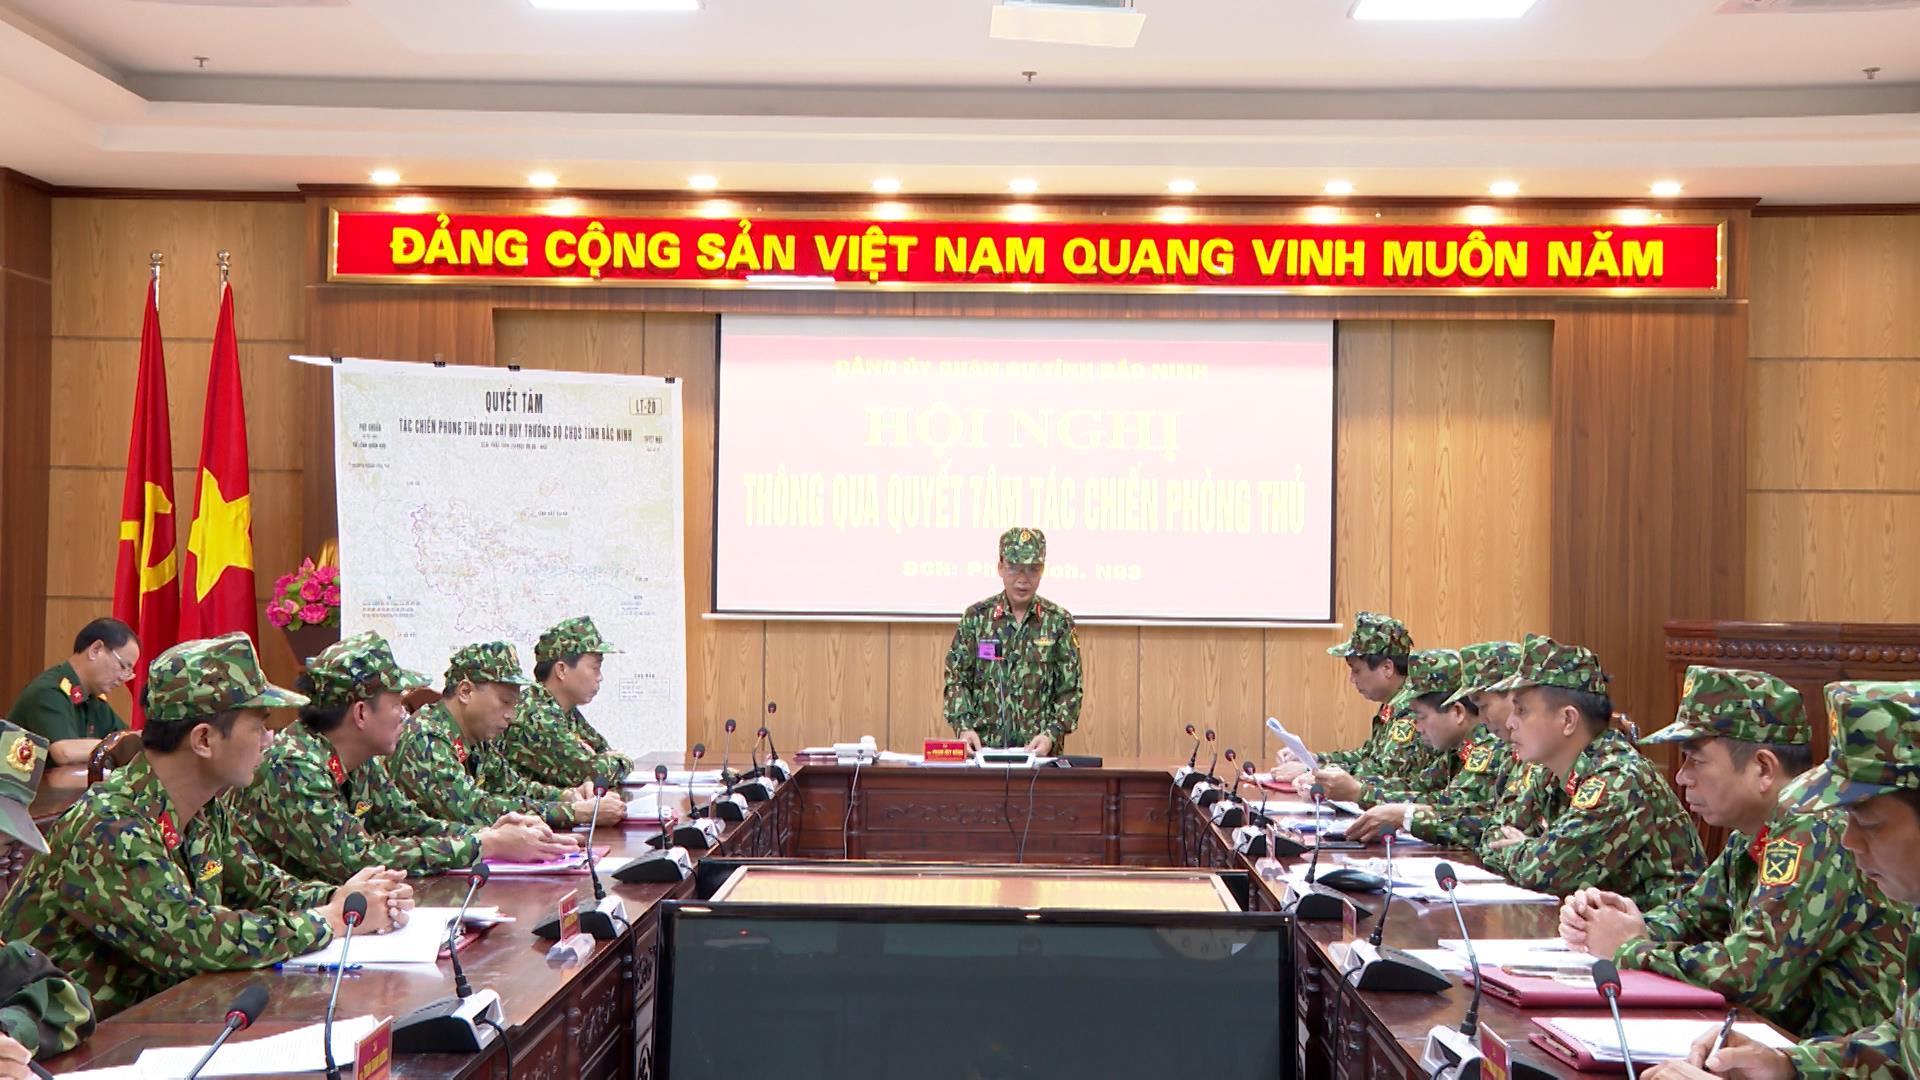 Bộ CHQS tỉnh luyện tập chỉ huy - tham mưu một bên hai cấp trên bản đồ